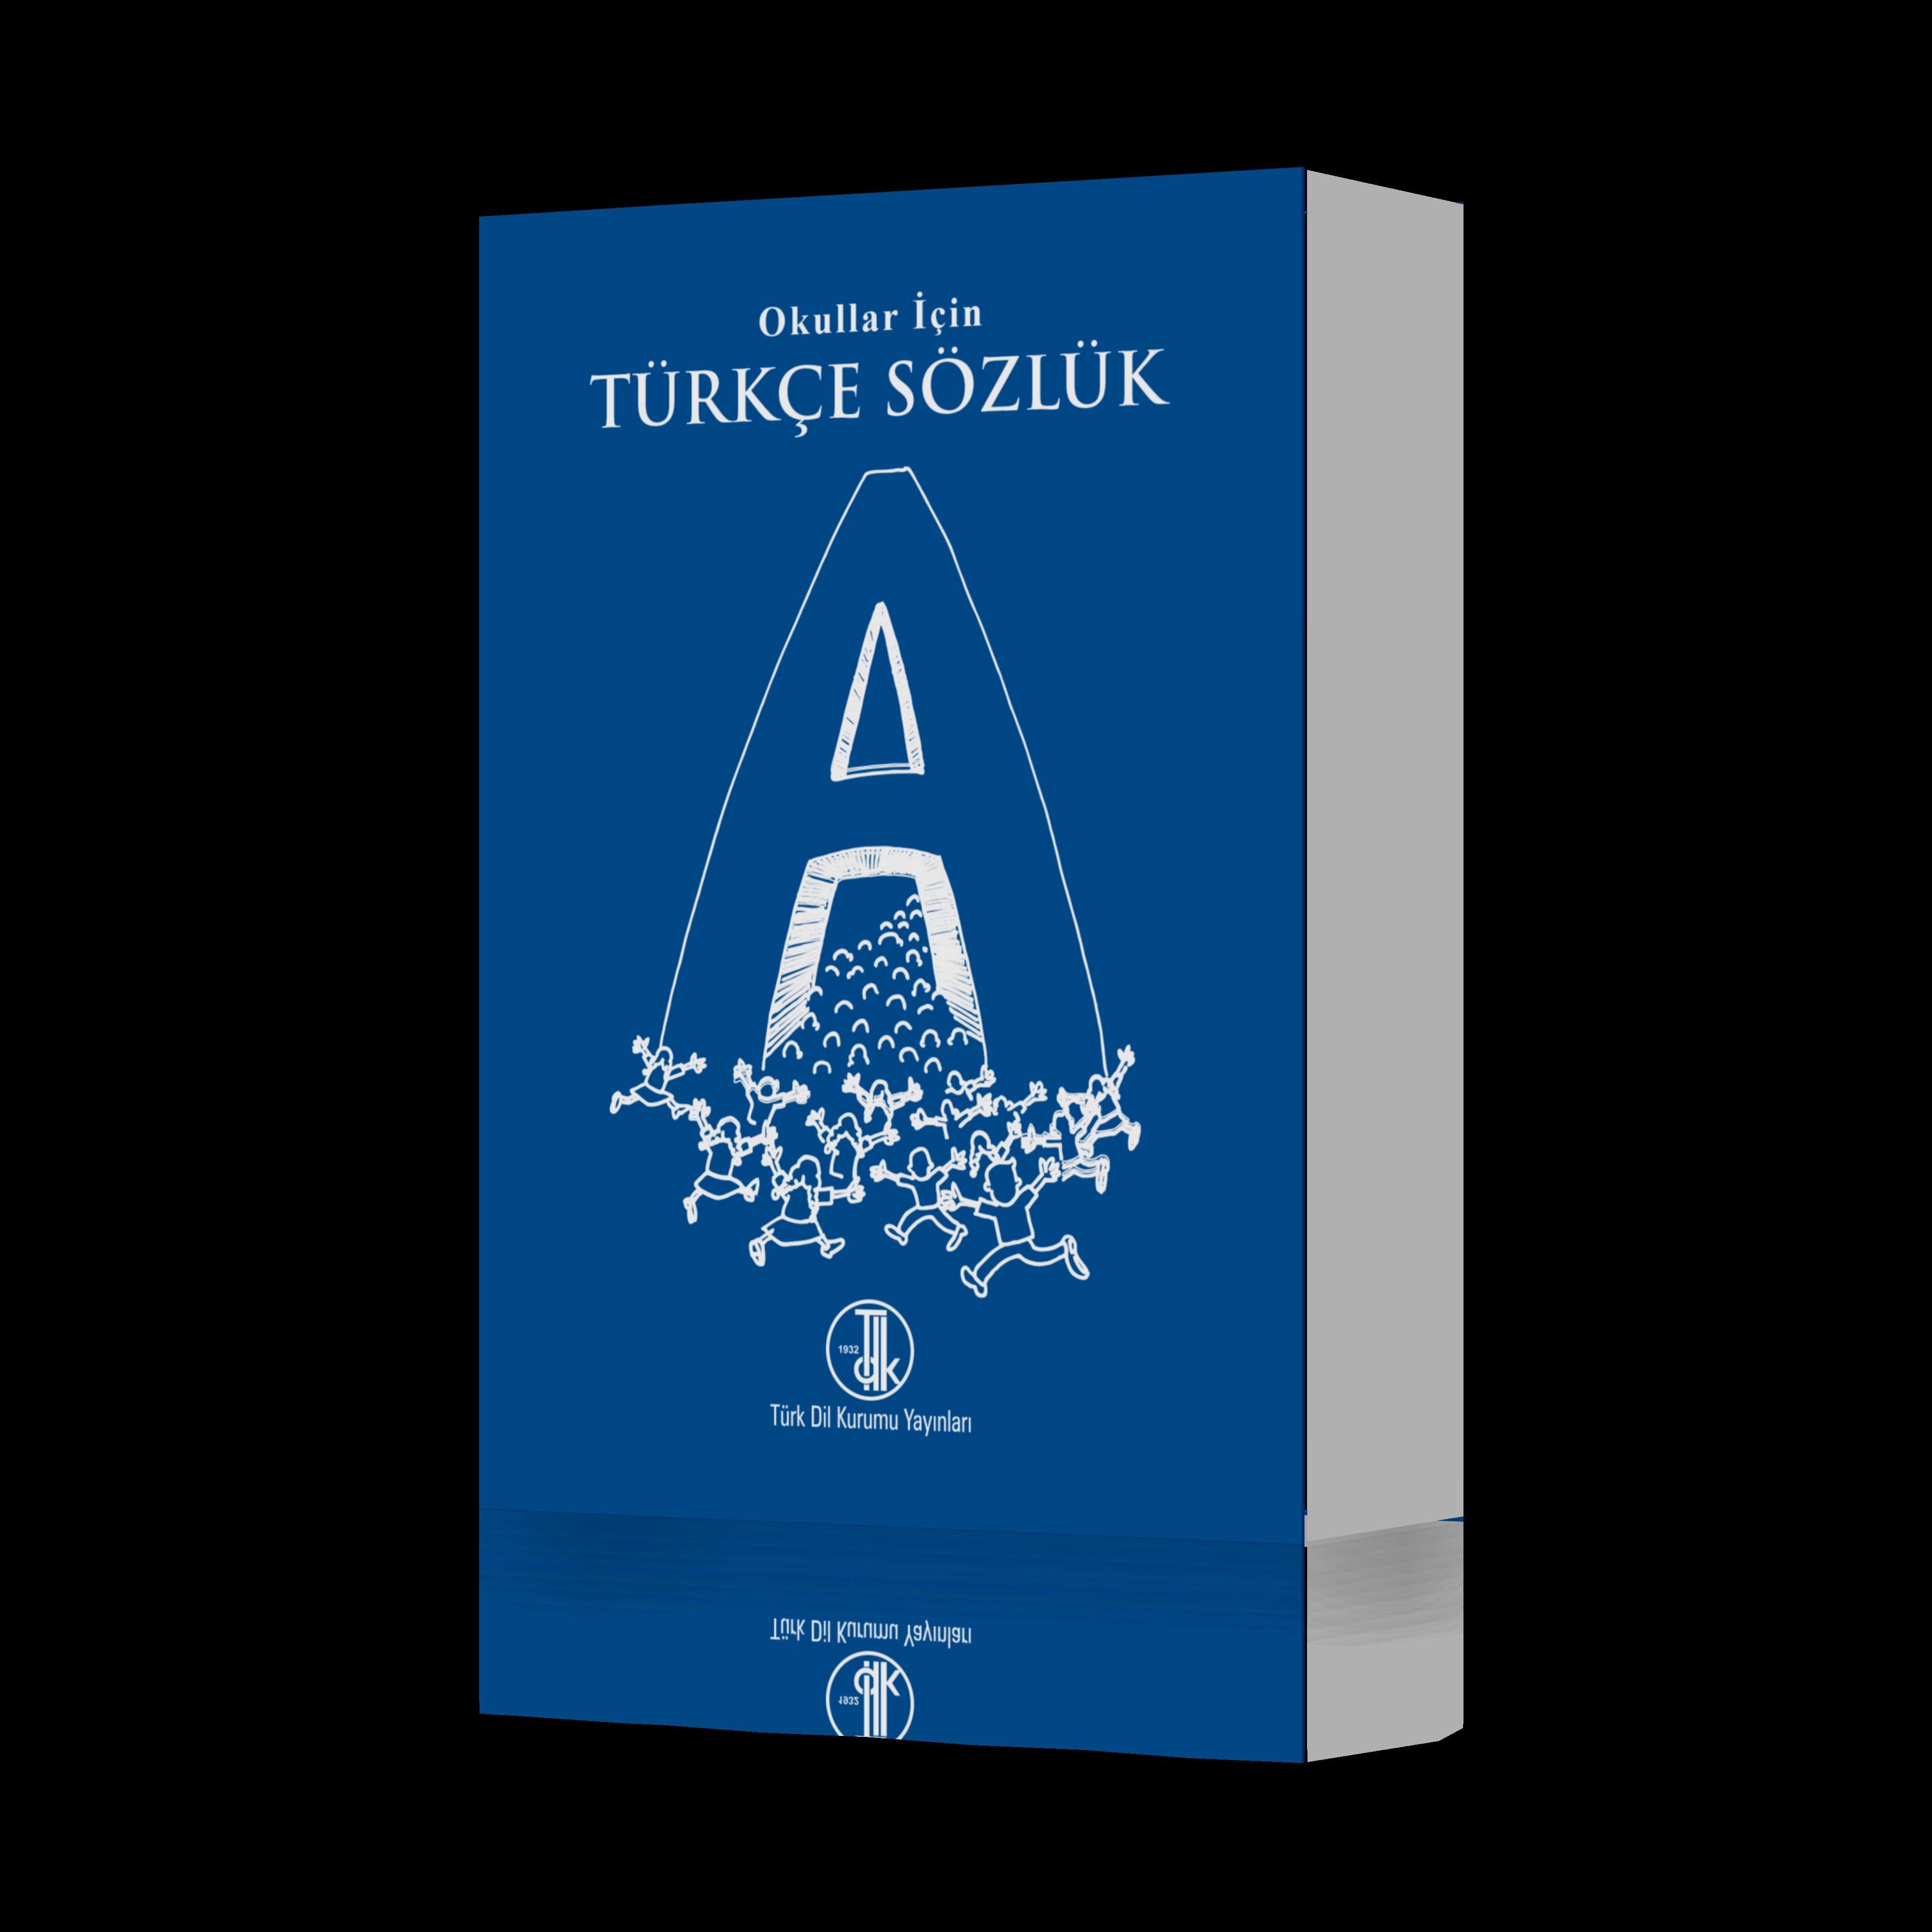 Okullar İçin Türkçe Sözlük, 2020